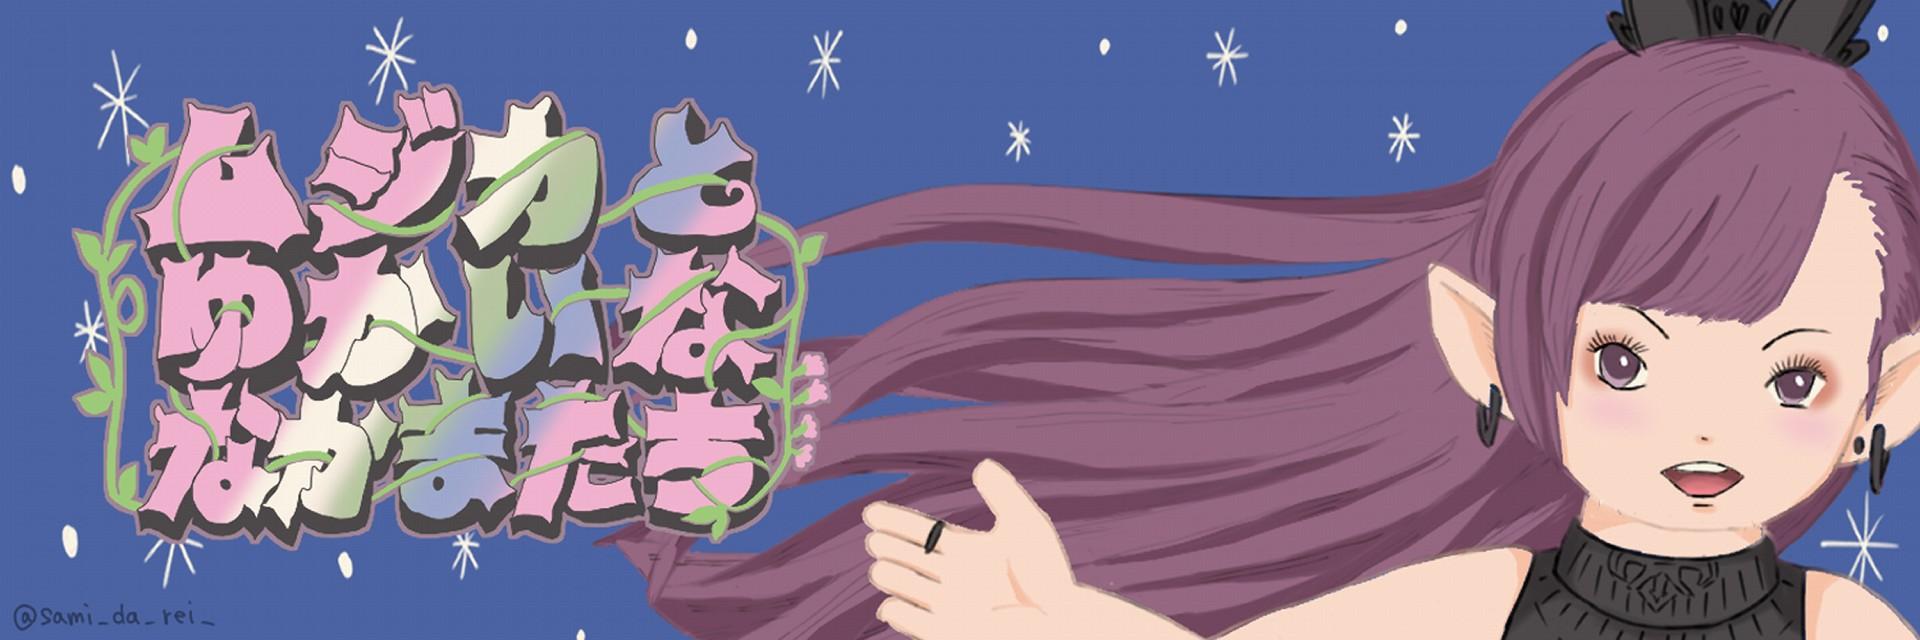 f:id:ryoushitsu-musica:20210529004504j:image